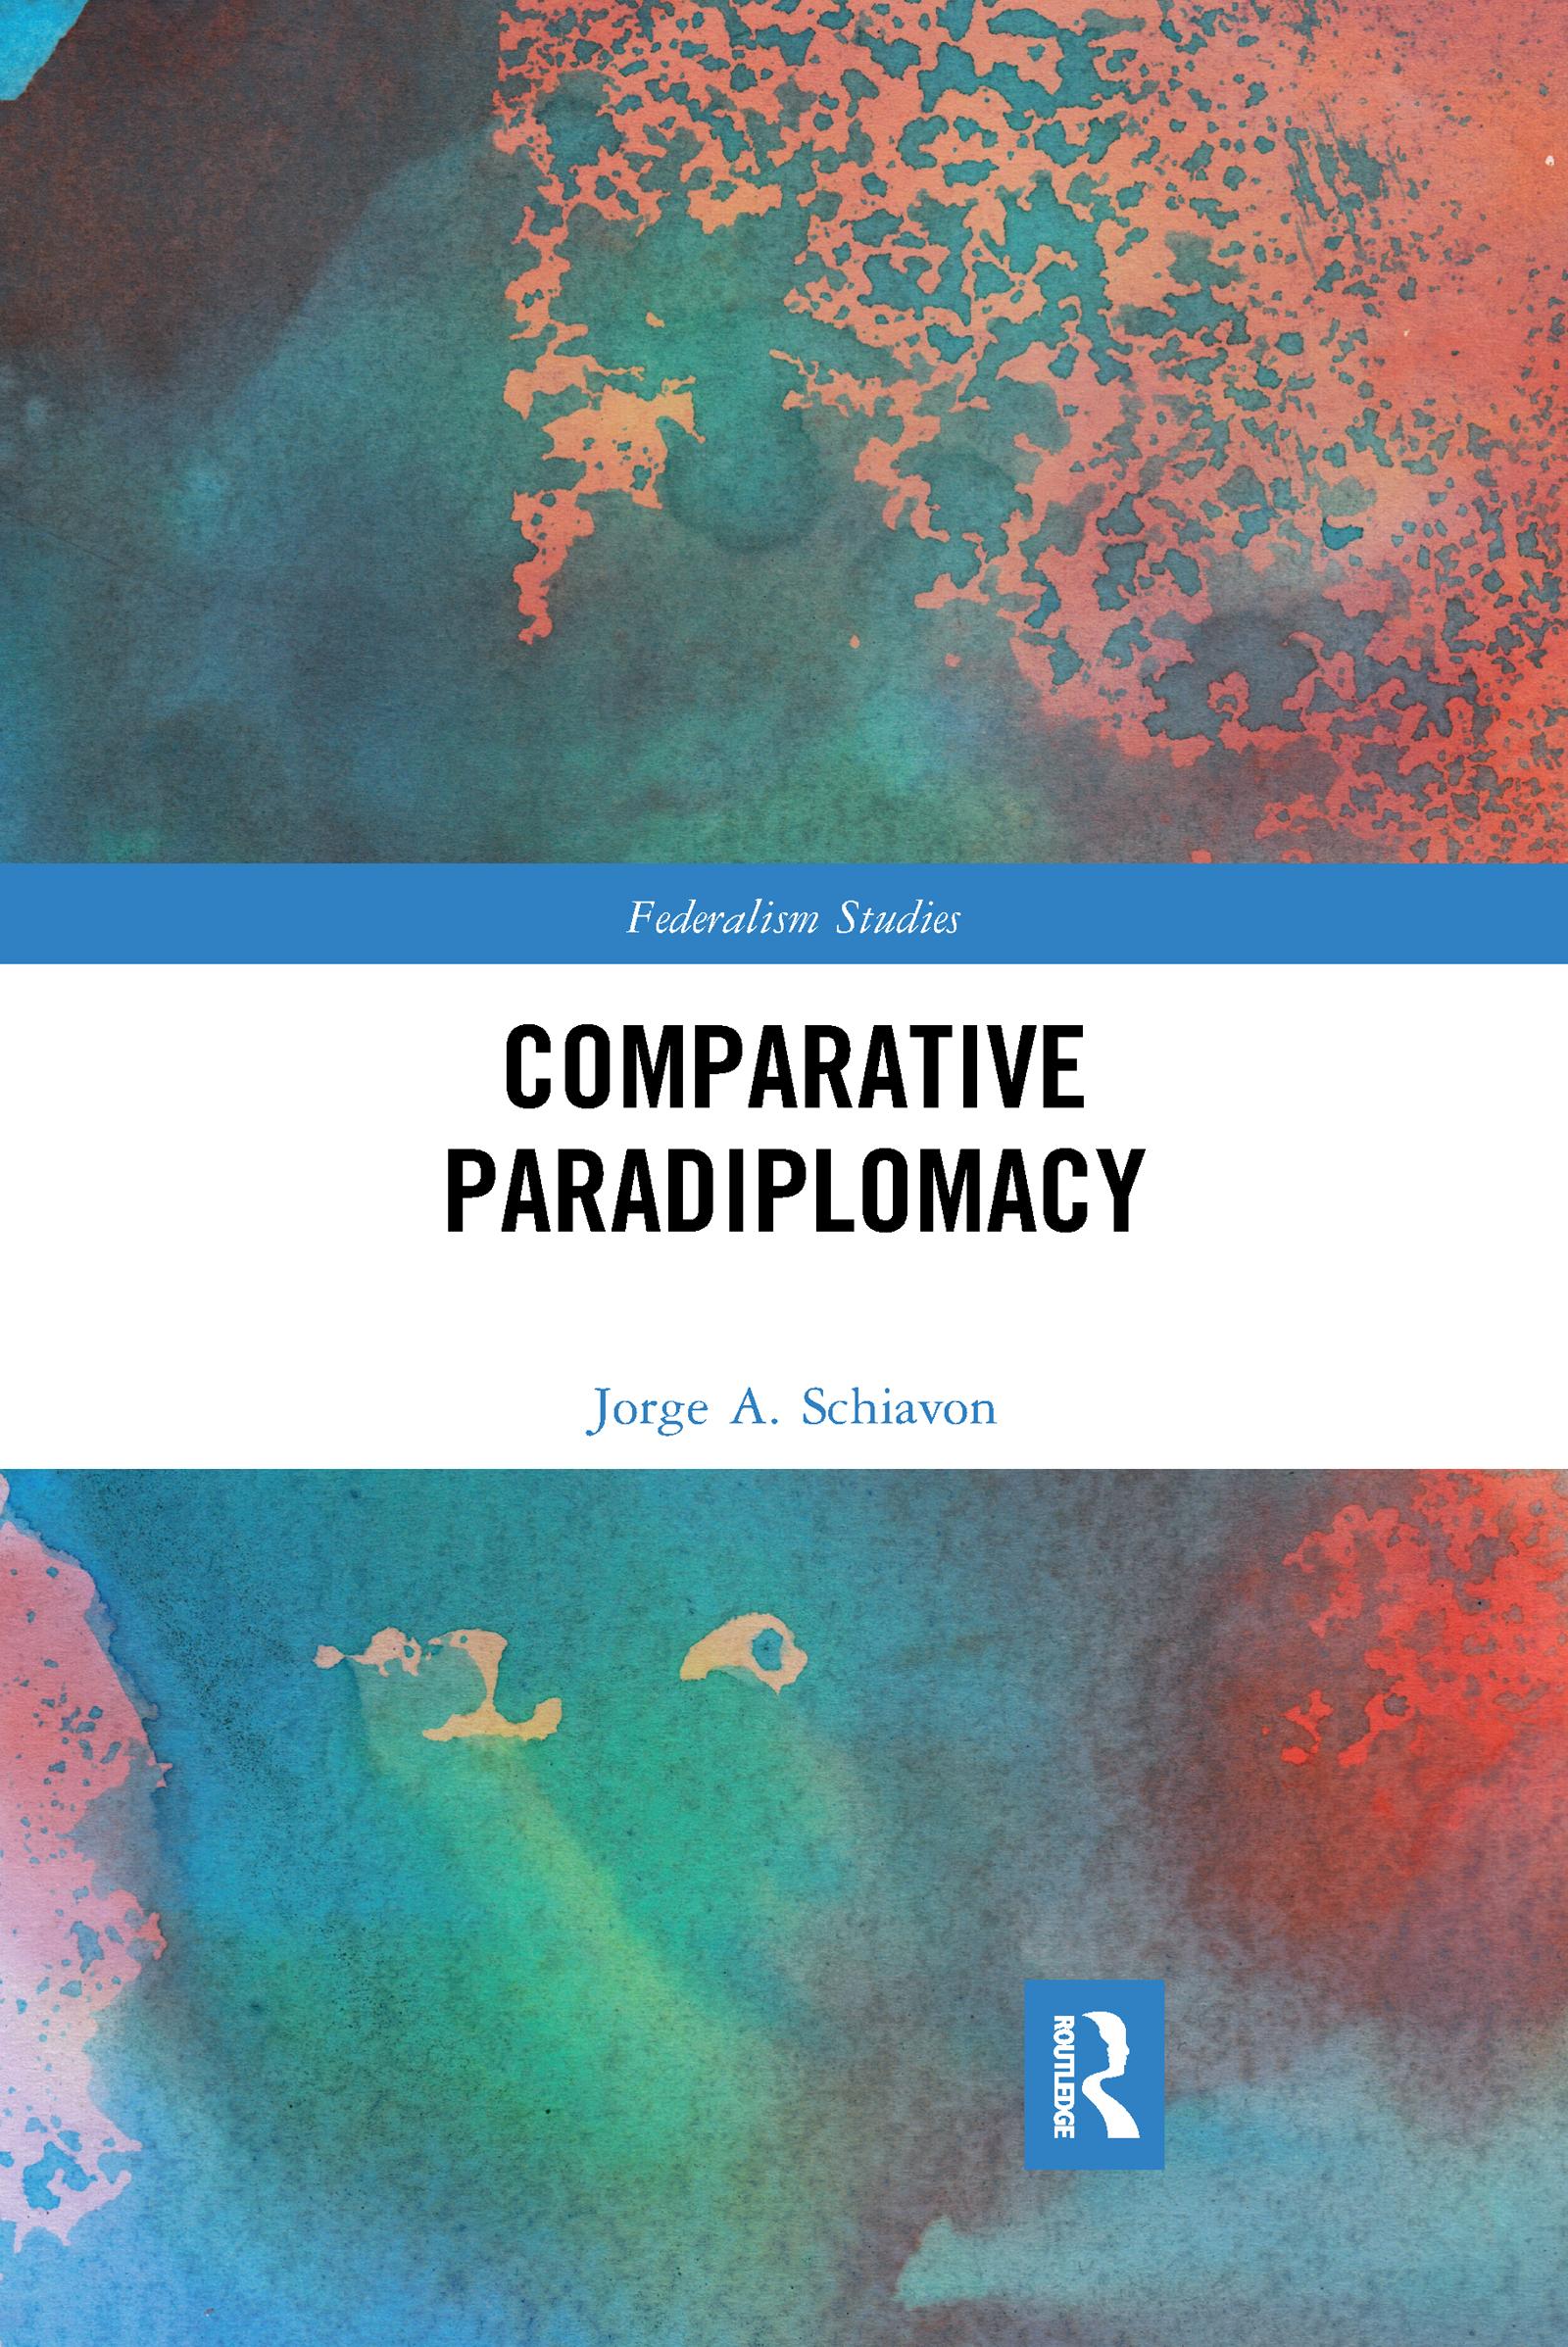 Comparative Paradiplomacy